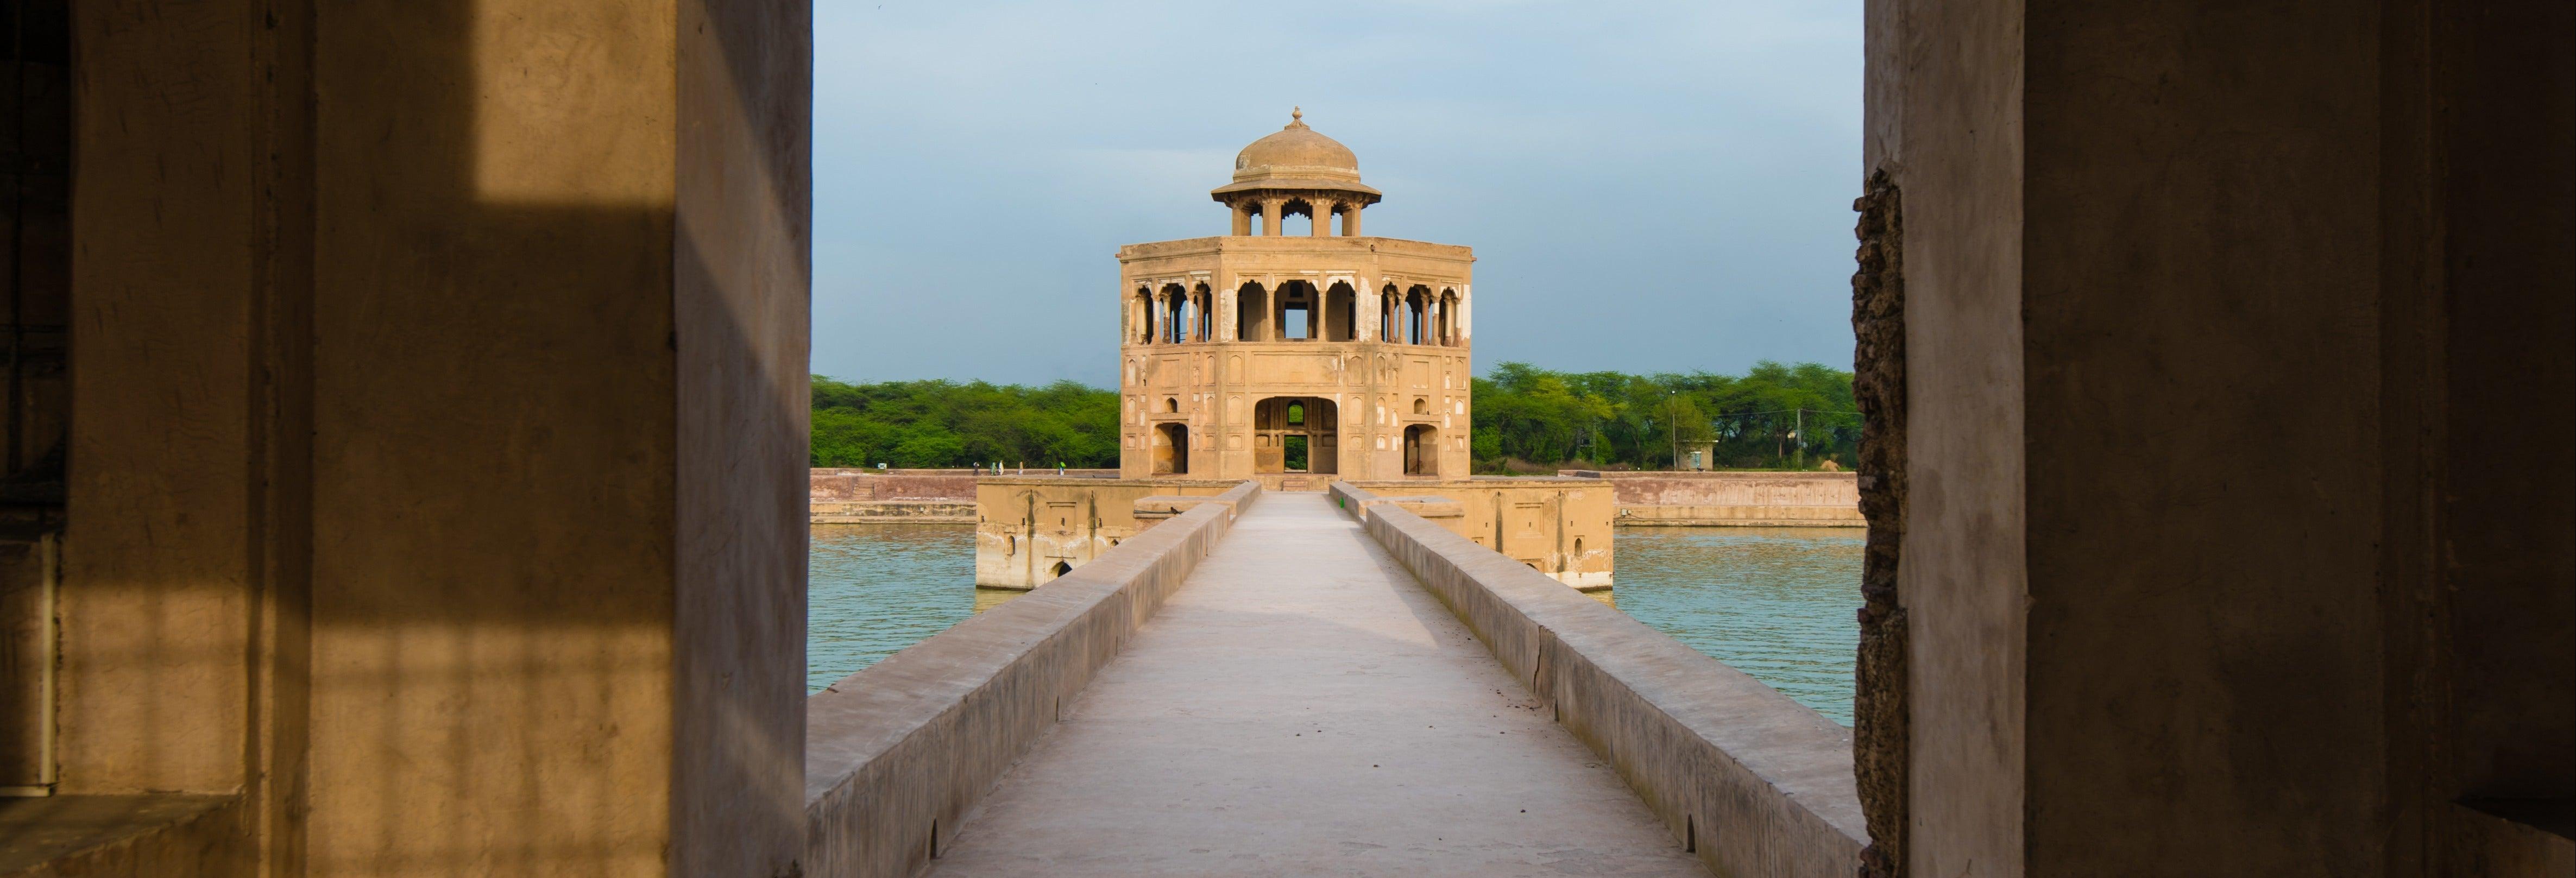 Visite privée de 3 jours dans Lahore